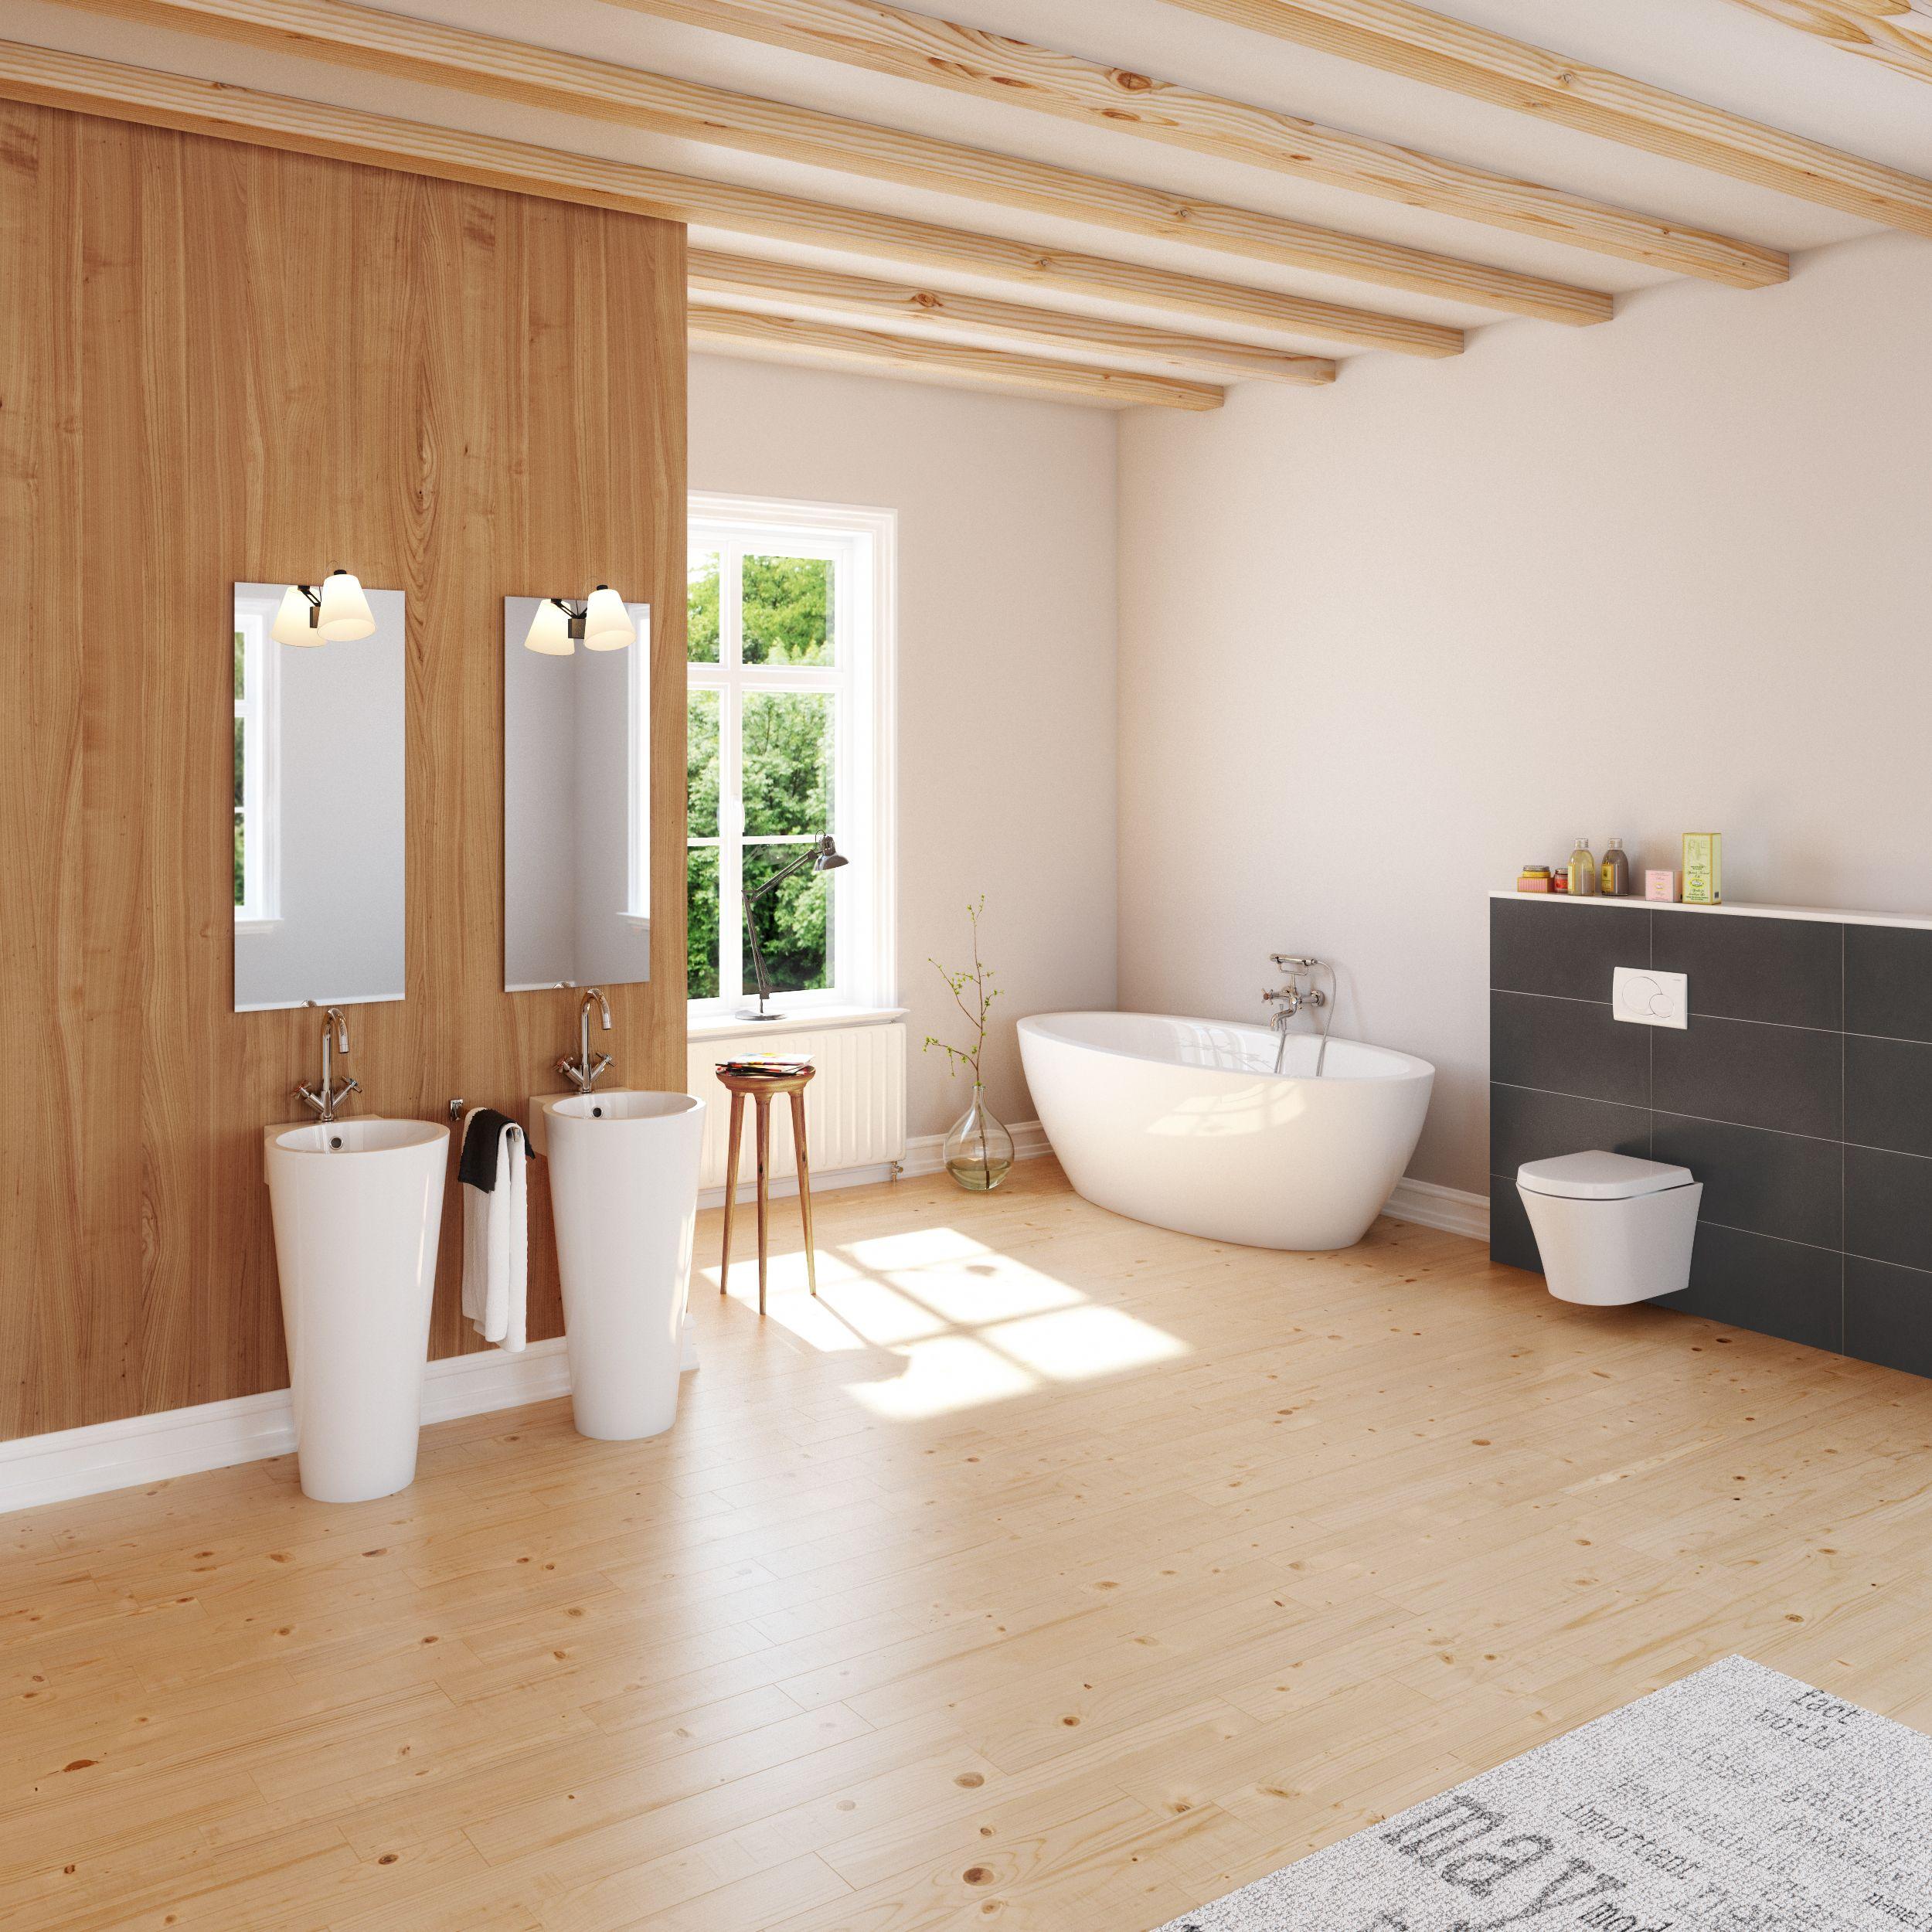 Badgestaltung Mit Holz bad aufmöbeln holz großformatige fliesen standwaschtische und